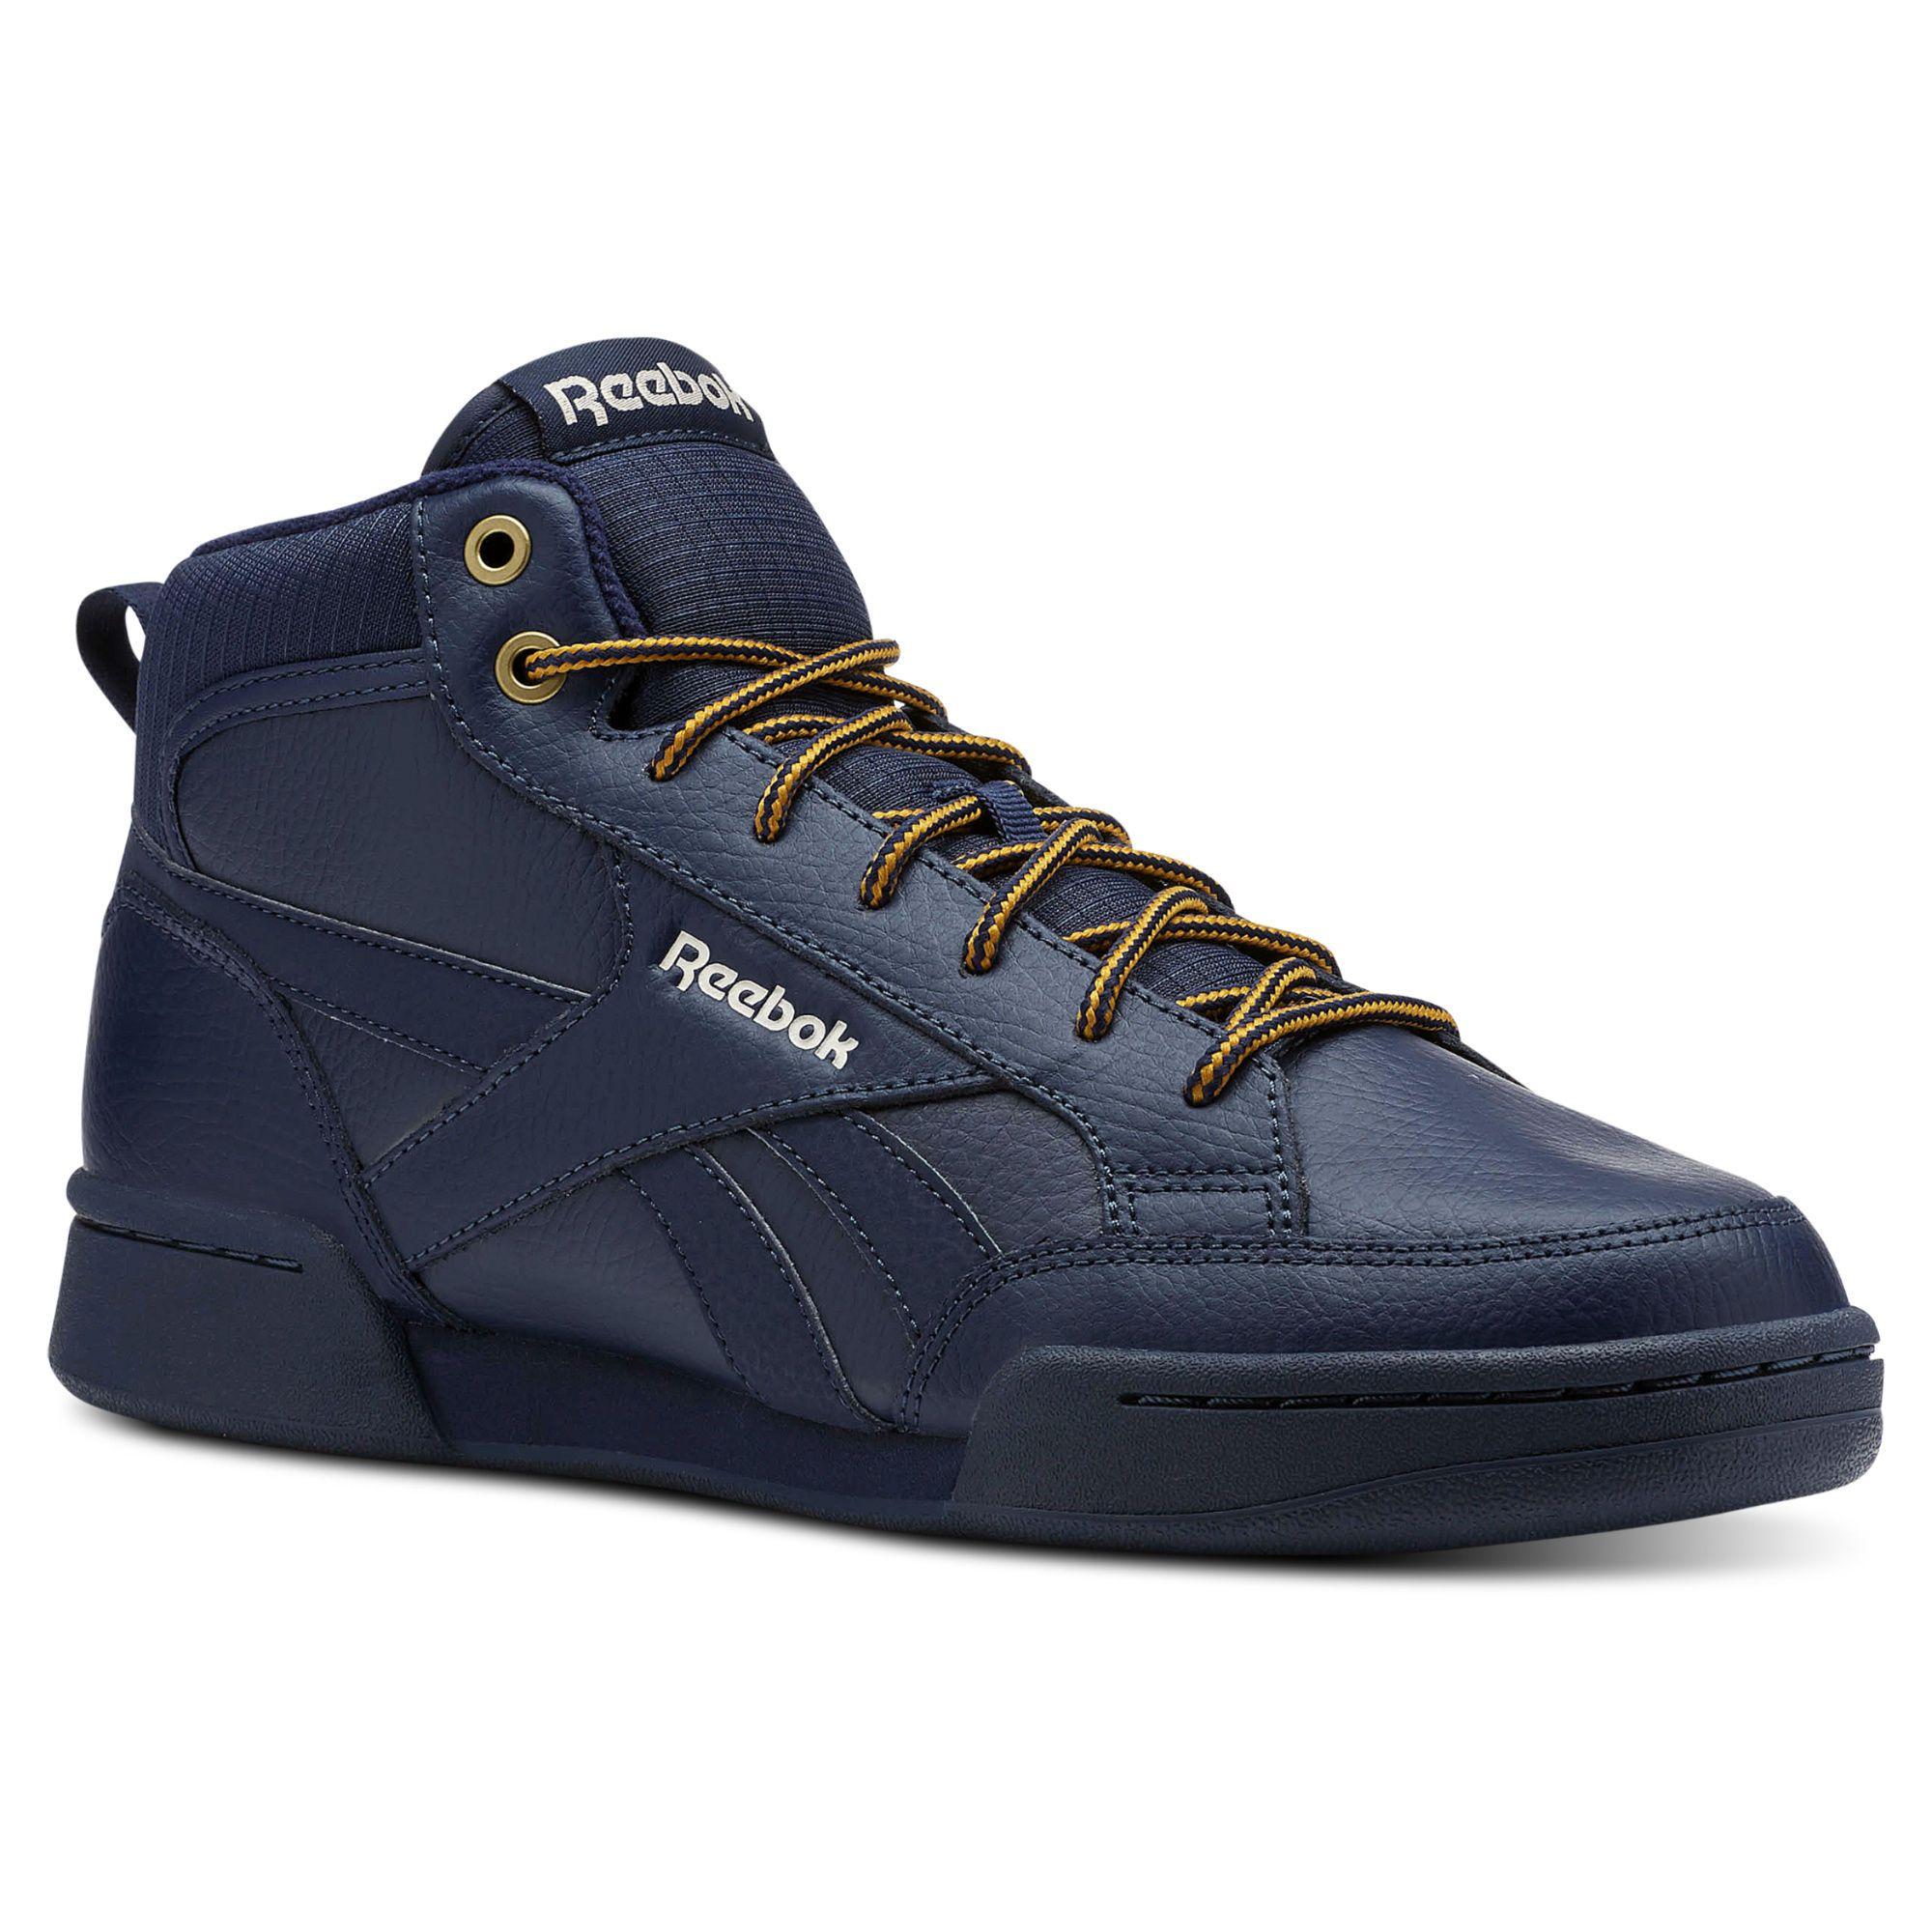 Paire de Basket Reebok Royal Complete - Bleu (Tailles au choix)